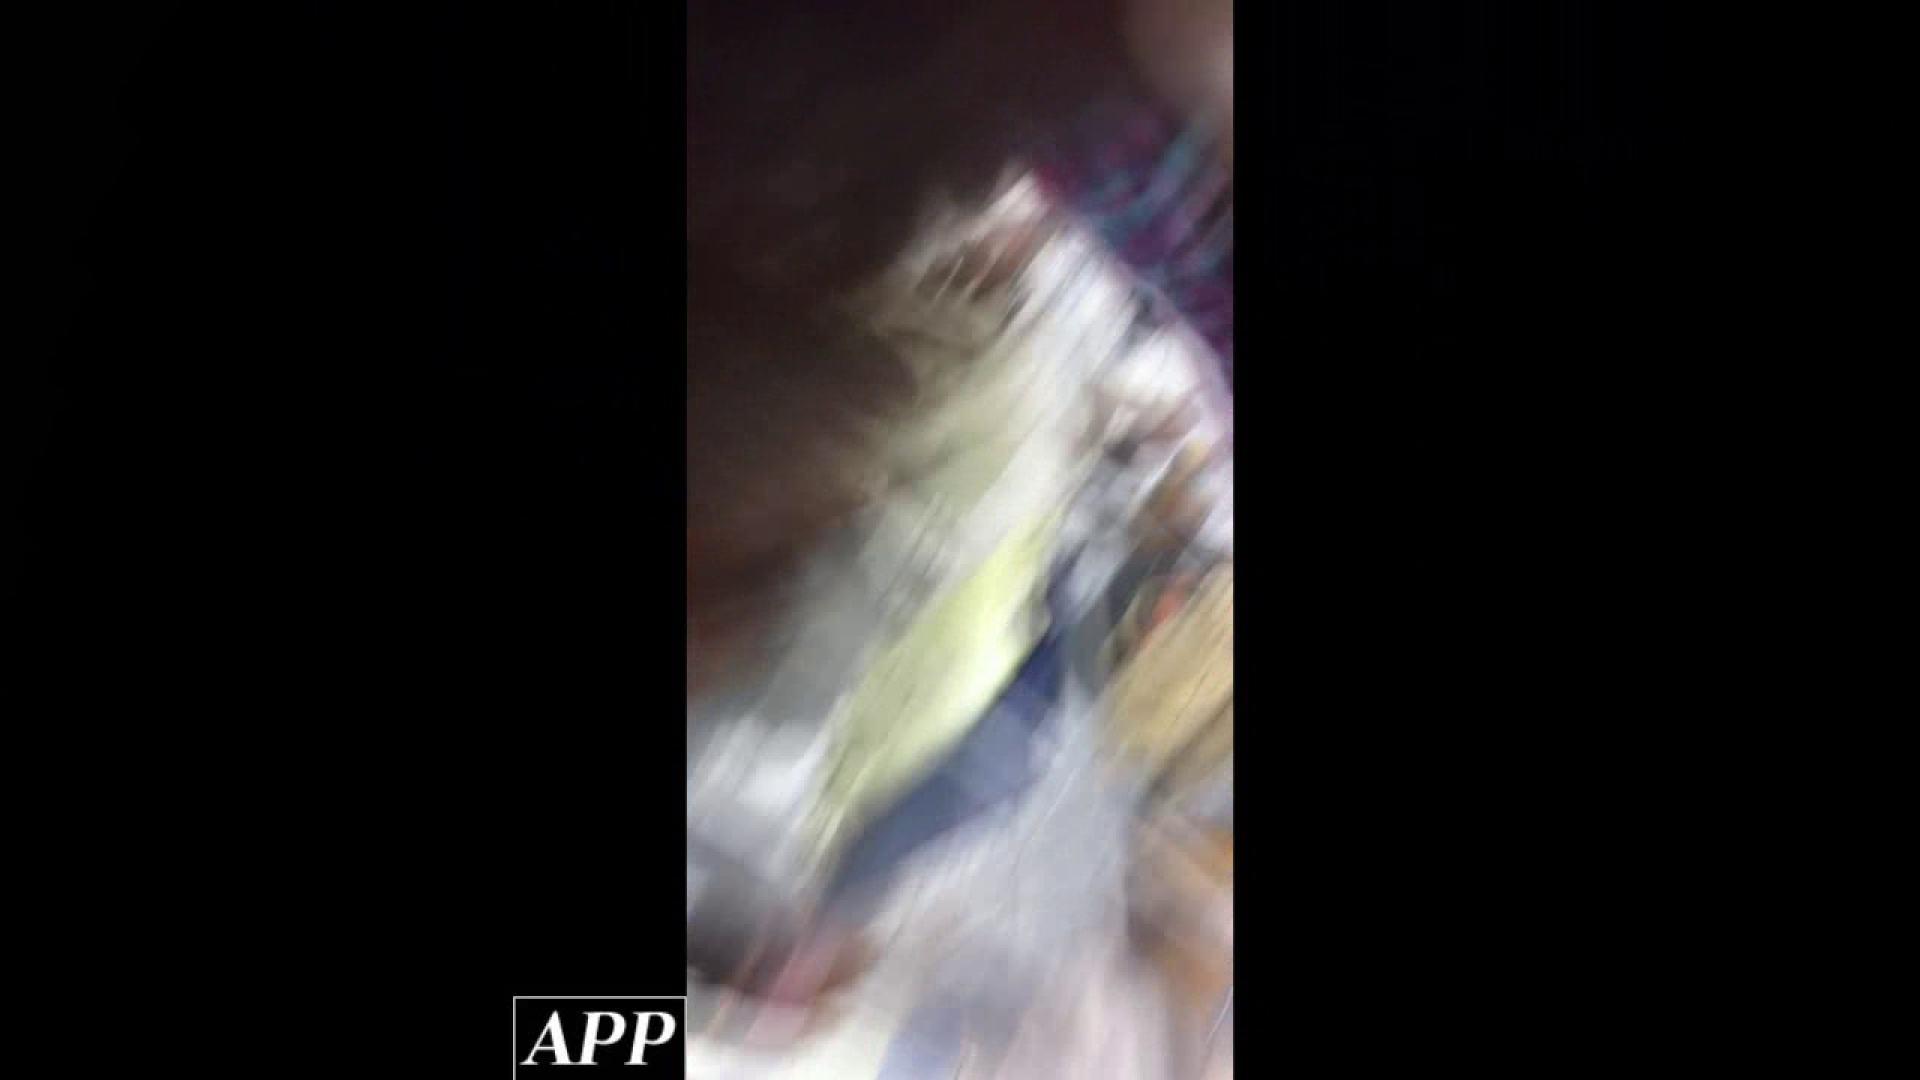 ハイビジョン盗撮!ショップ店員千人斬り!胸チラ編 vol.94 盗撮シリーズ すけべAV動画紹介 76PIX 72